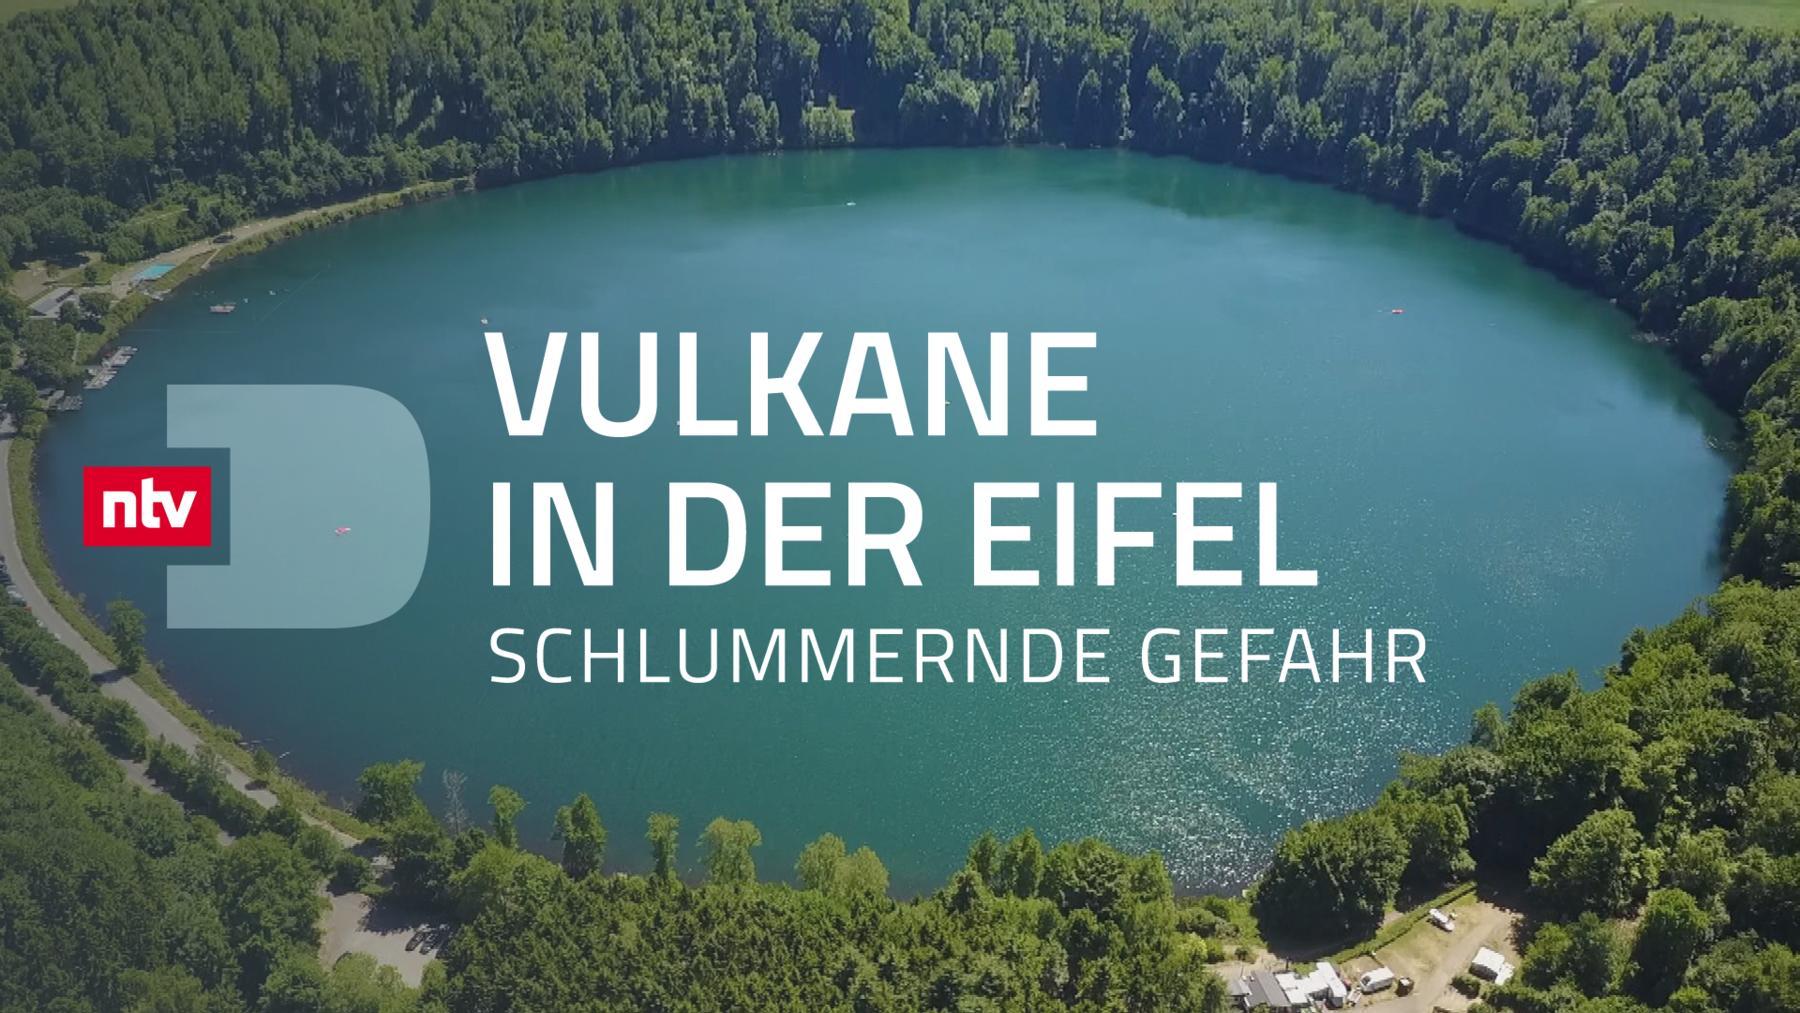 Vulkane in der Eifel - Schlummernde Gefahr